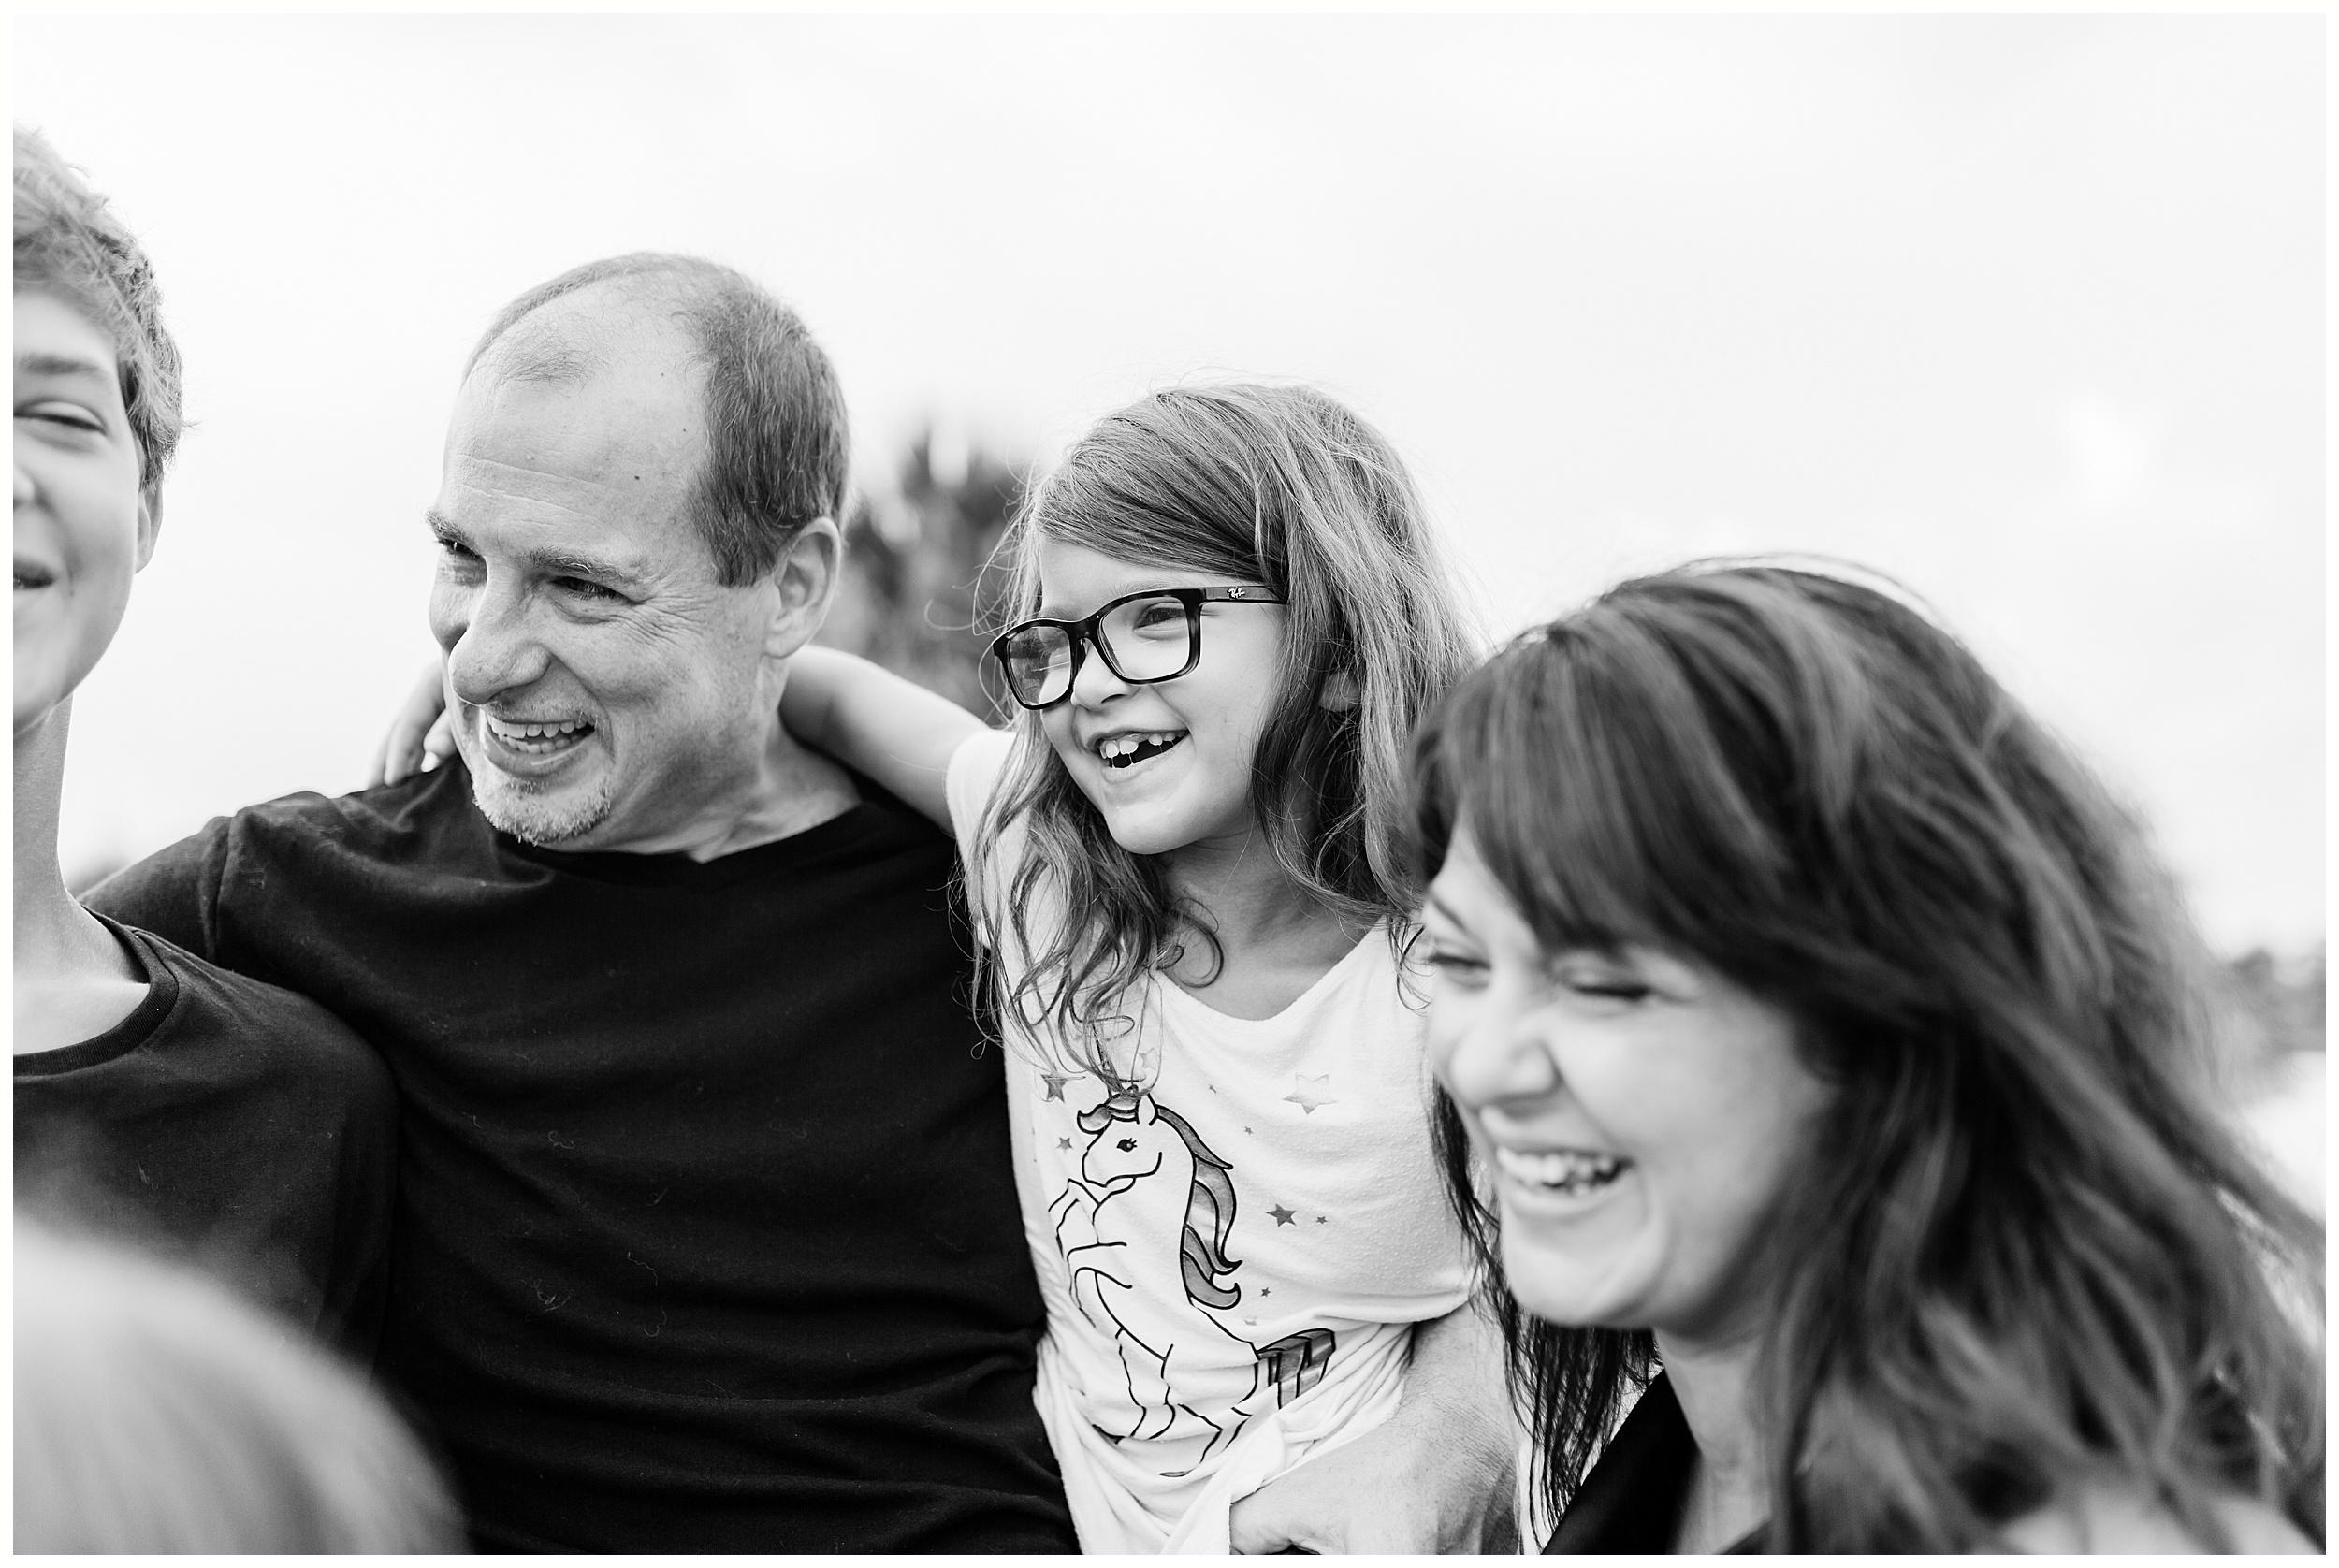 lexington-ky-family-lifestyle-photographer-priscilla-baierlein_1726.jpg